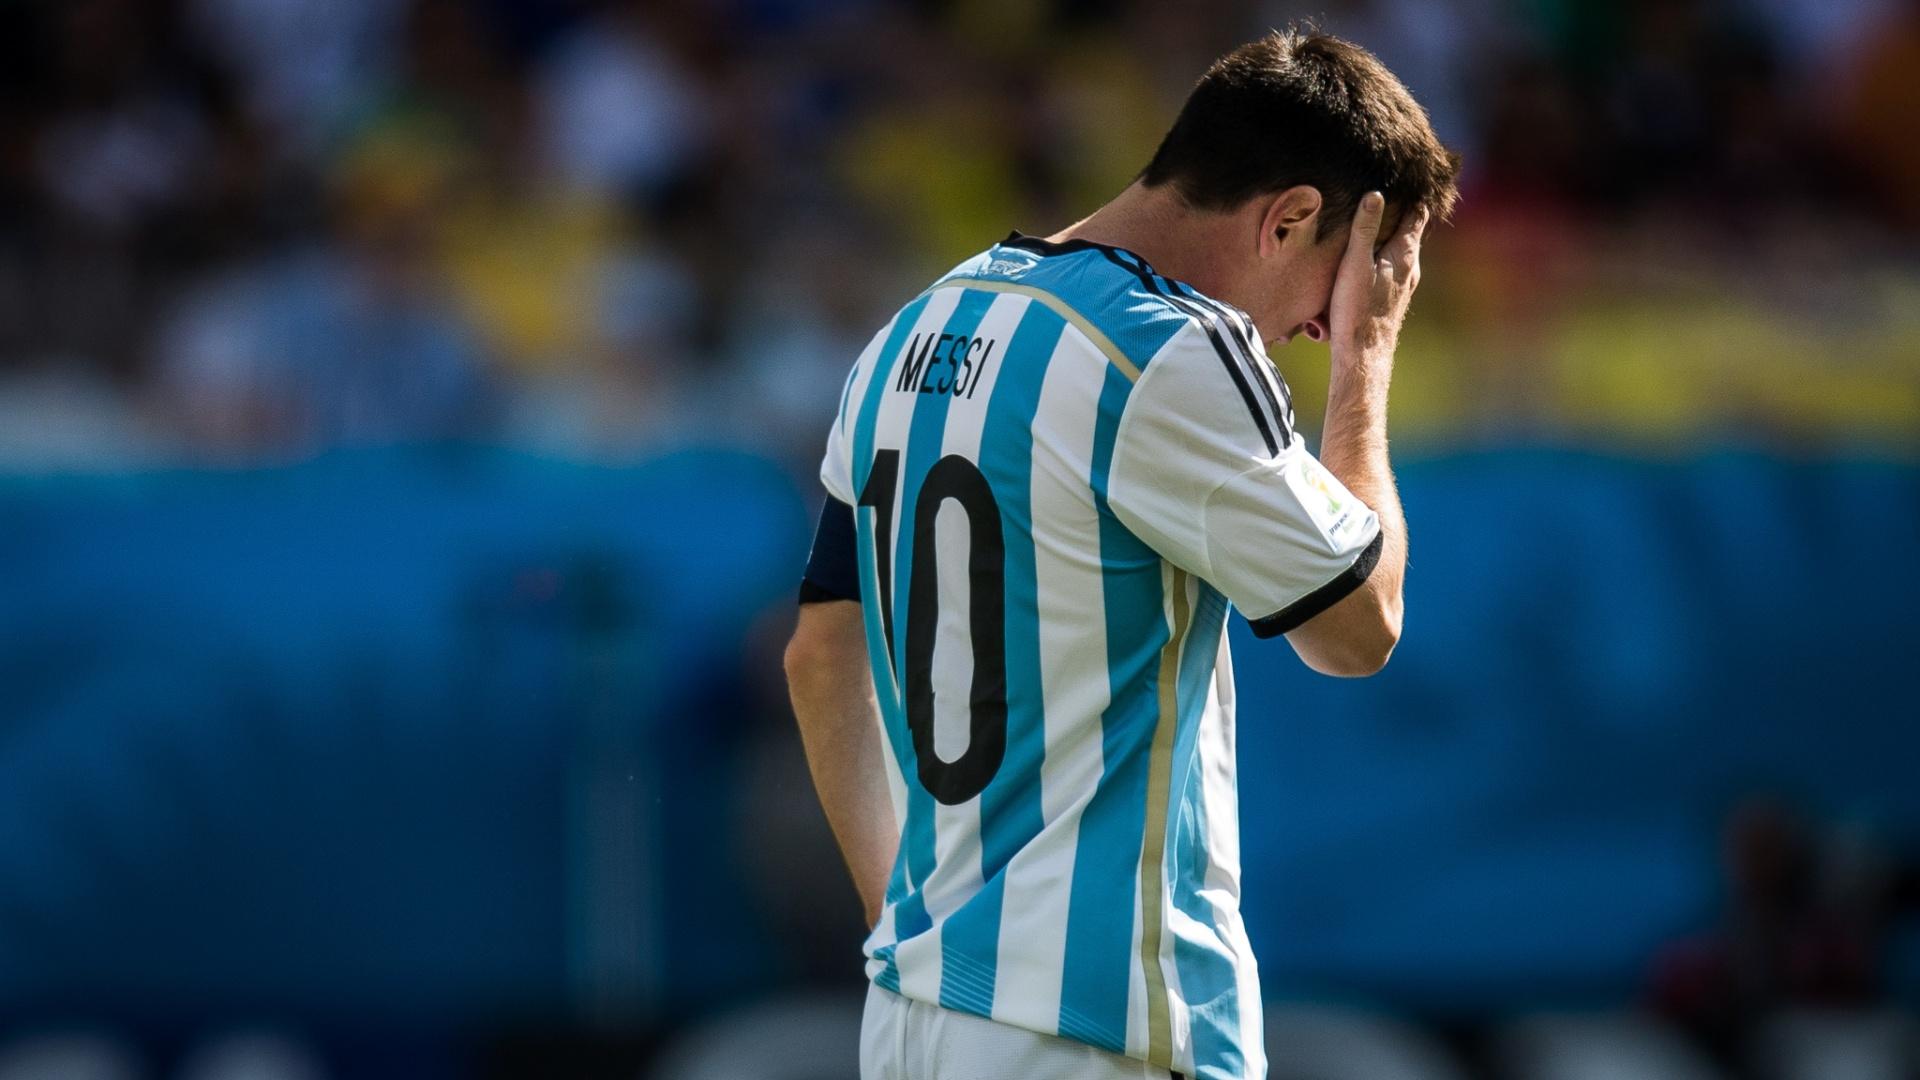 01.jul.2014 - Depois de tentar por 90 minutos, Messi mostra cansaço durante a prorrogação contra a Suíça, no Itaquerão